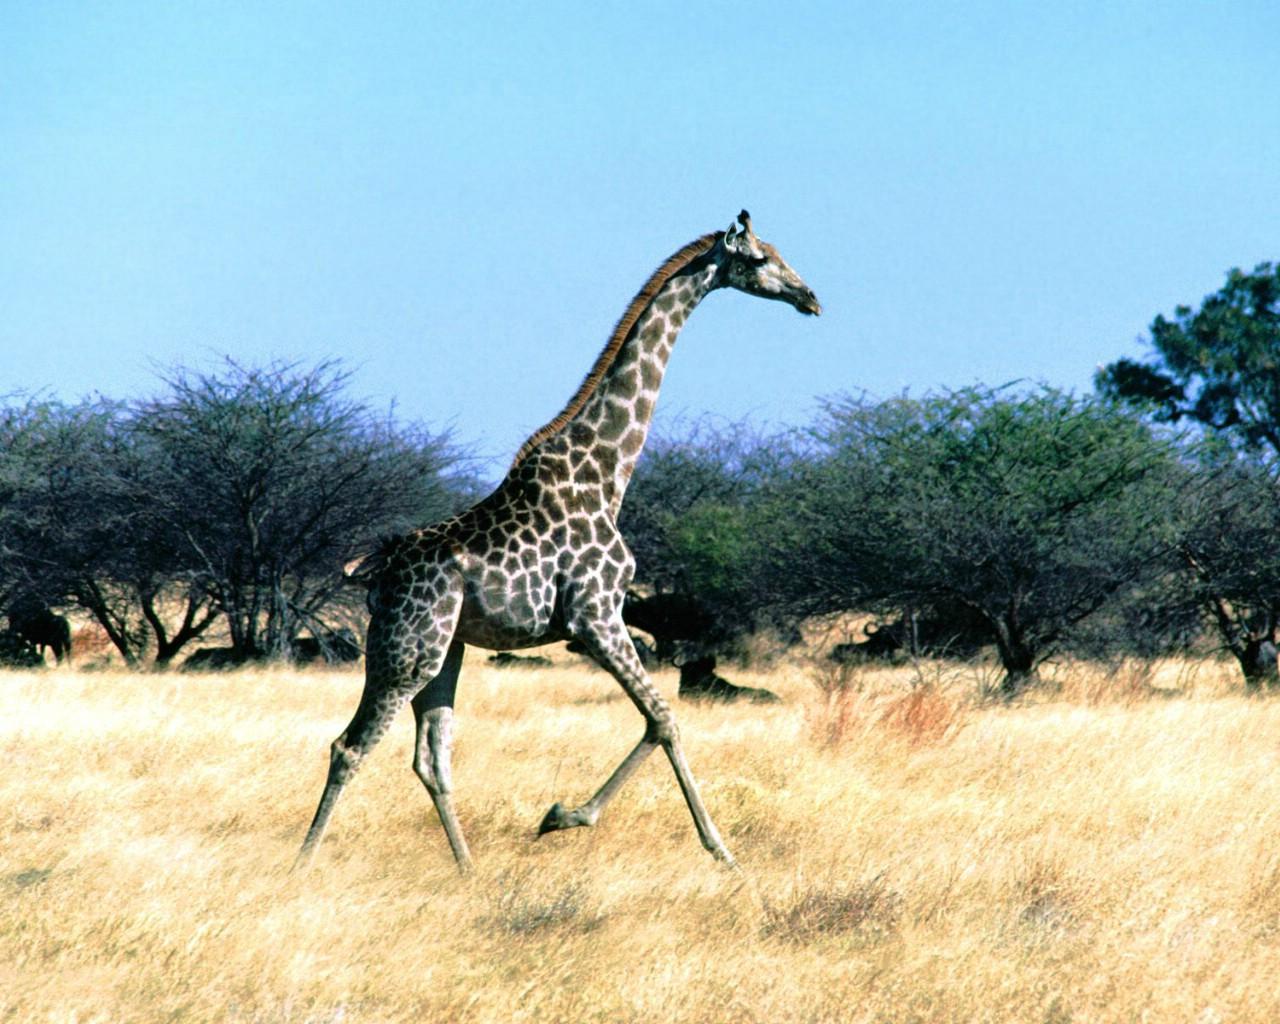 1024长颈鹿 10壁纸,长颈鹿壁纸图片 -长颈鹿 2 10